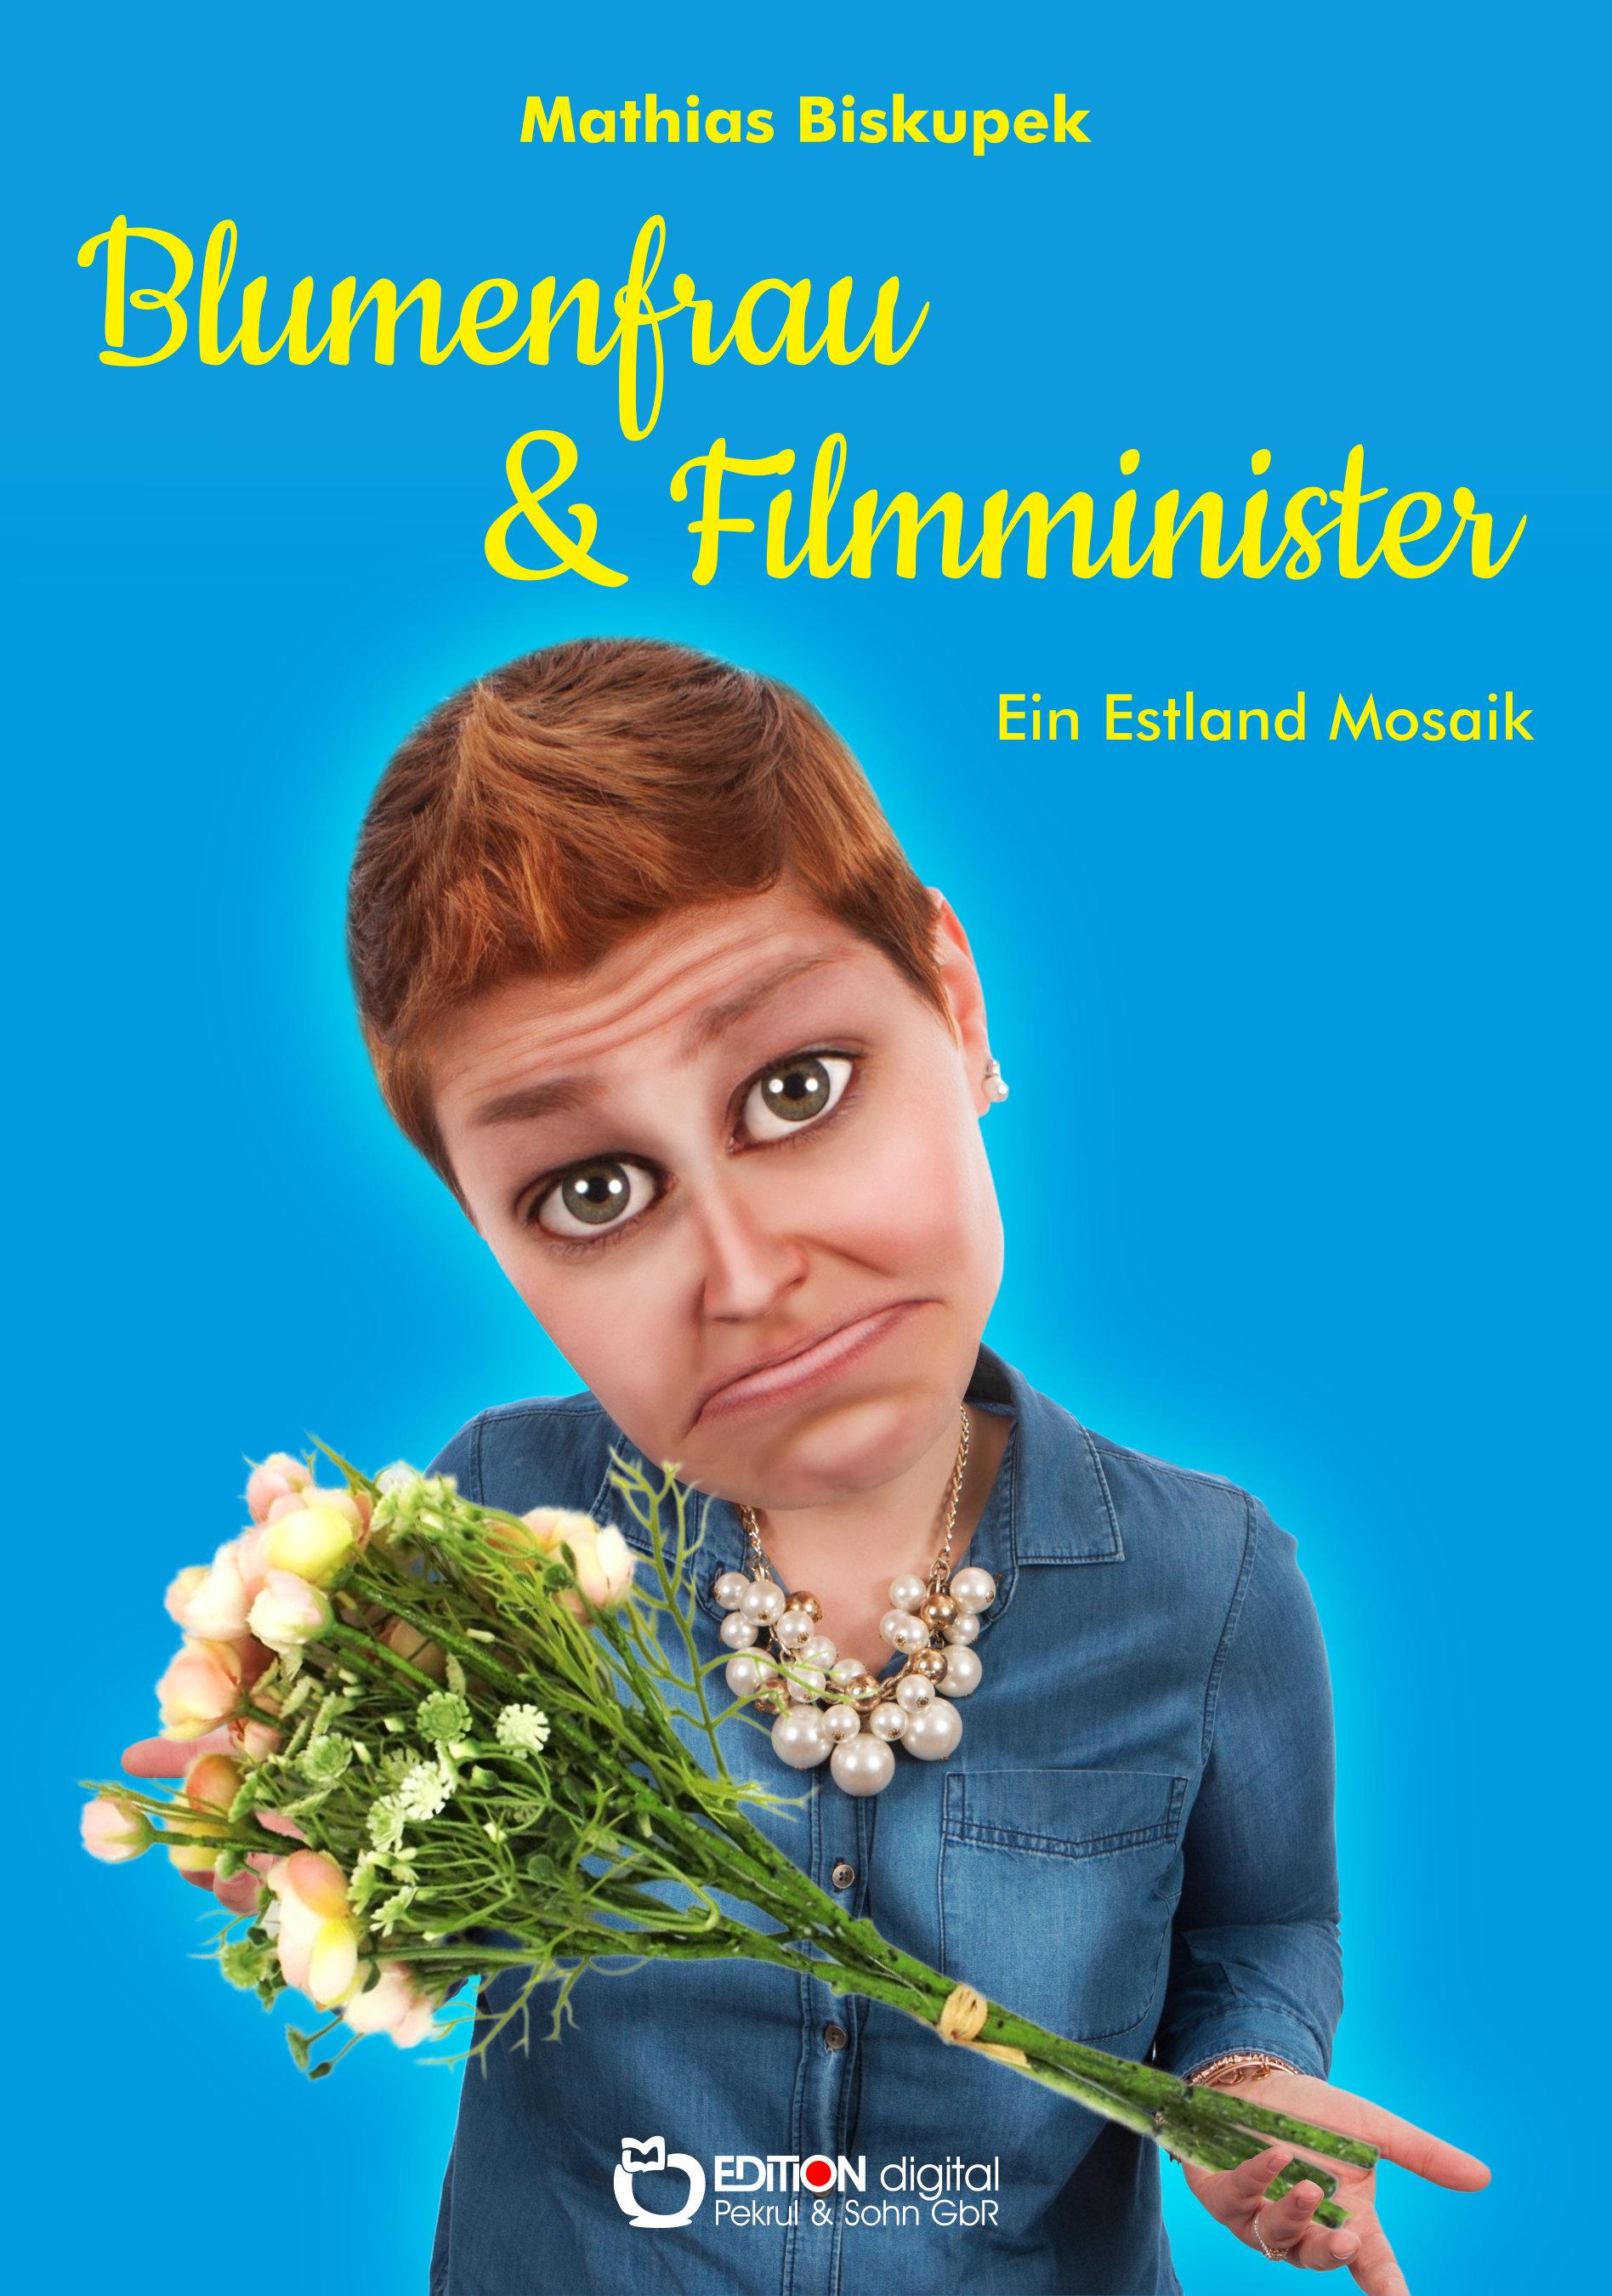 Blumenfrau und Filmminister. Ein Estland-Mosaik von Matthias Biskupek